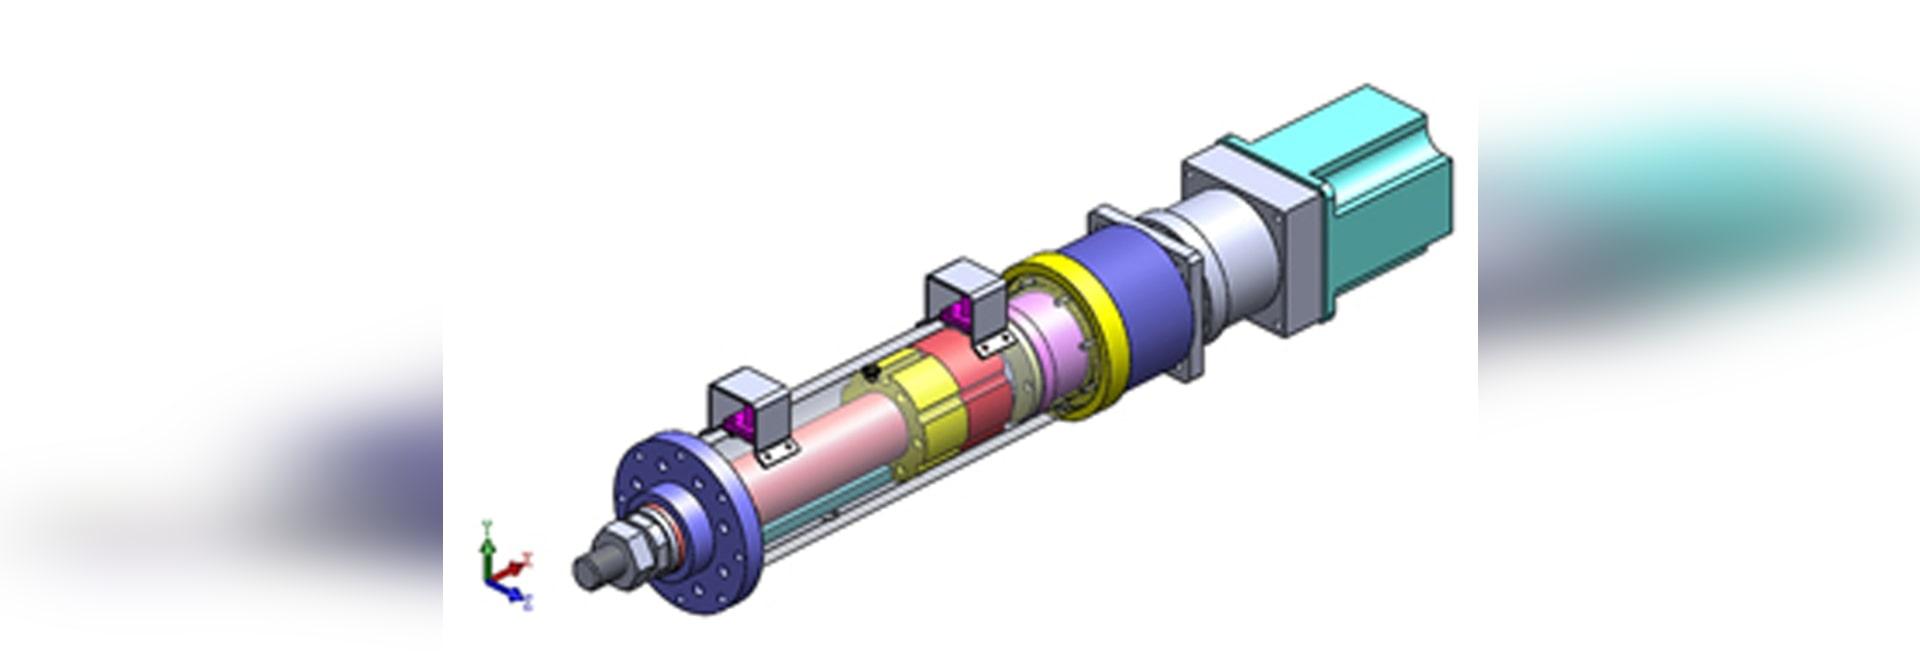 Principe de l'actionneur électrique linéaire et son fonctionnement